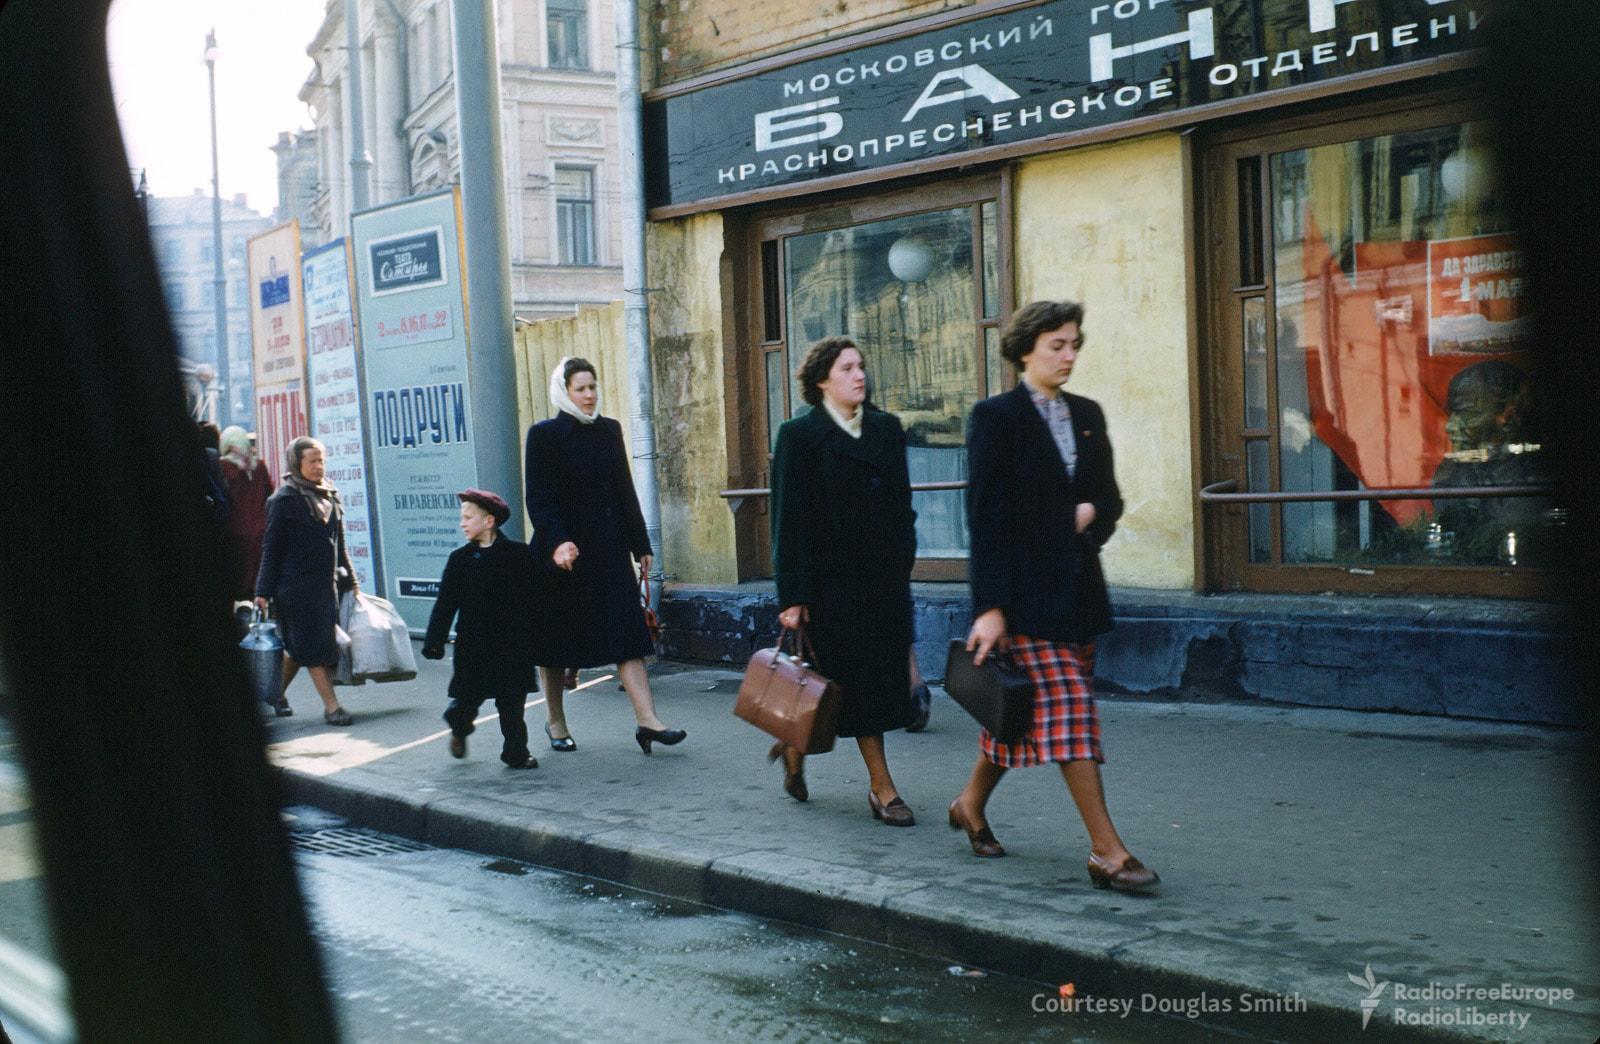 Улица в центре Москвы.